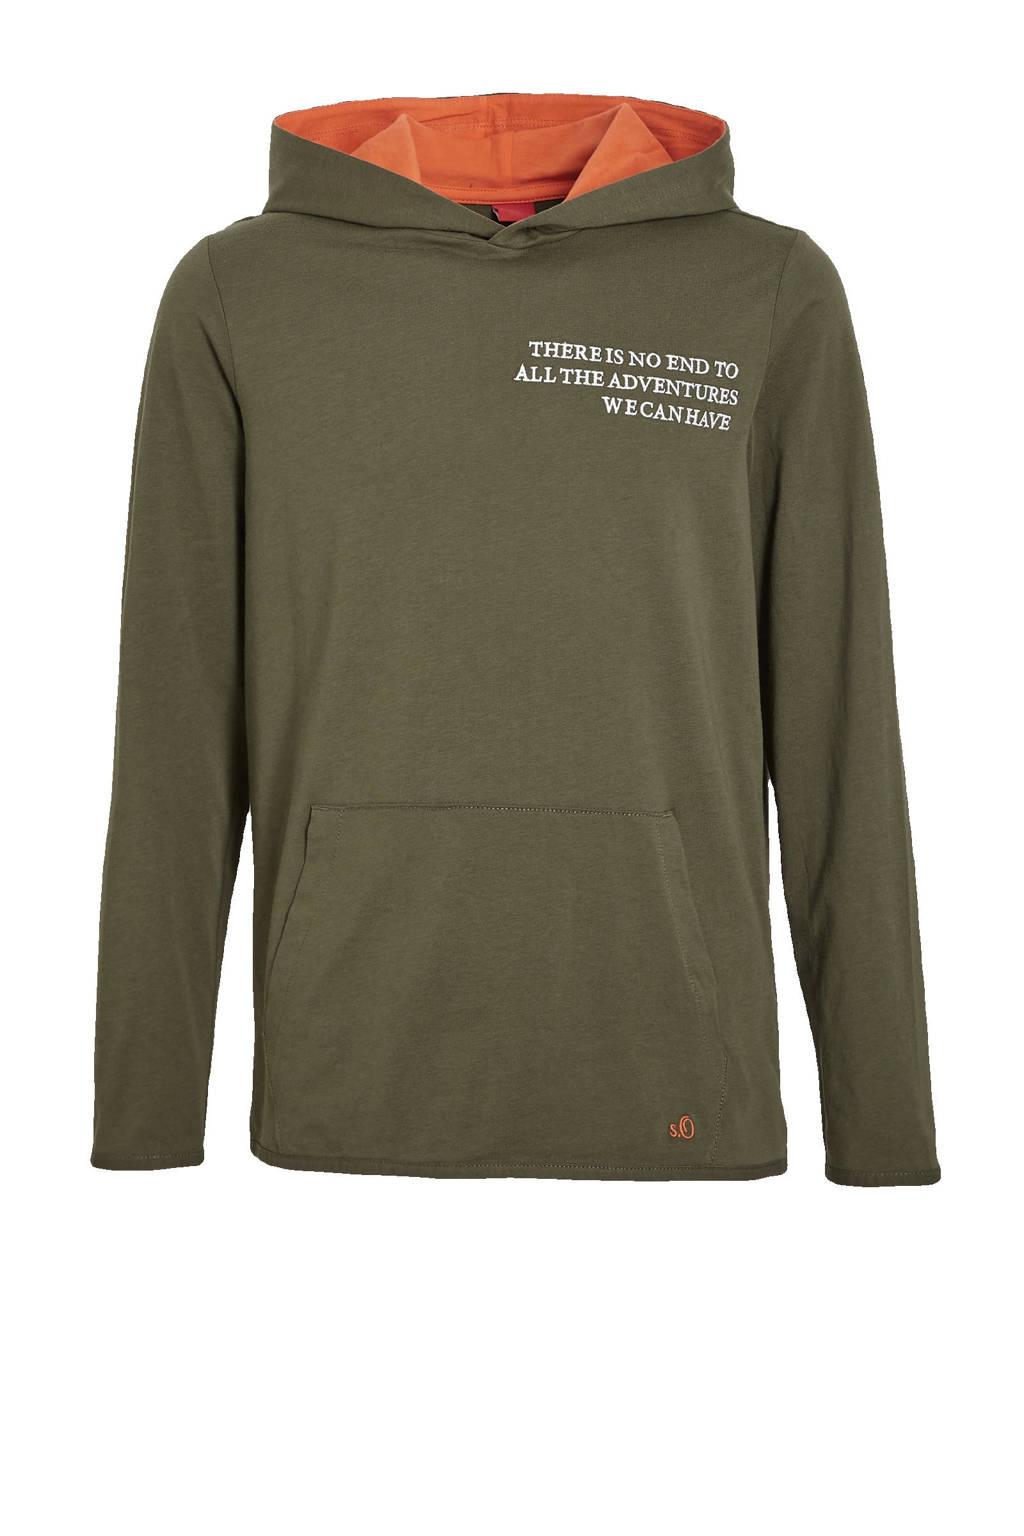 s.Oliver hoodie met tekst groen, Groen